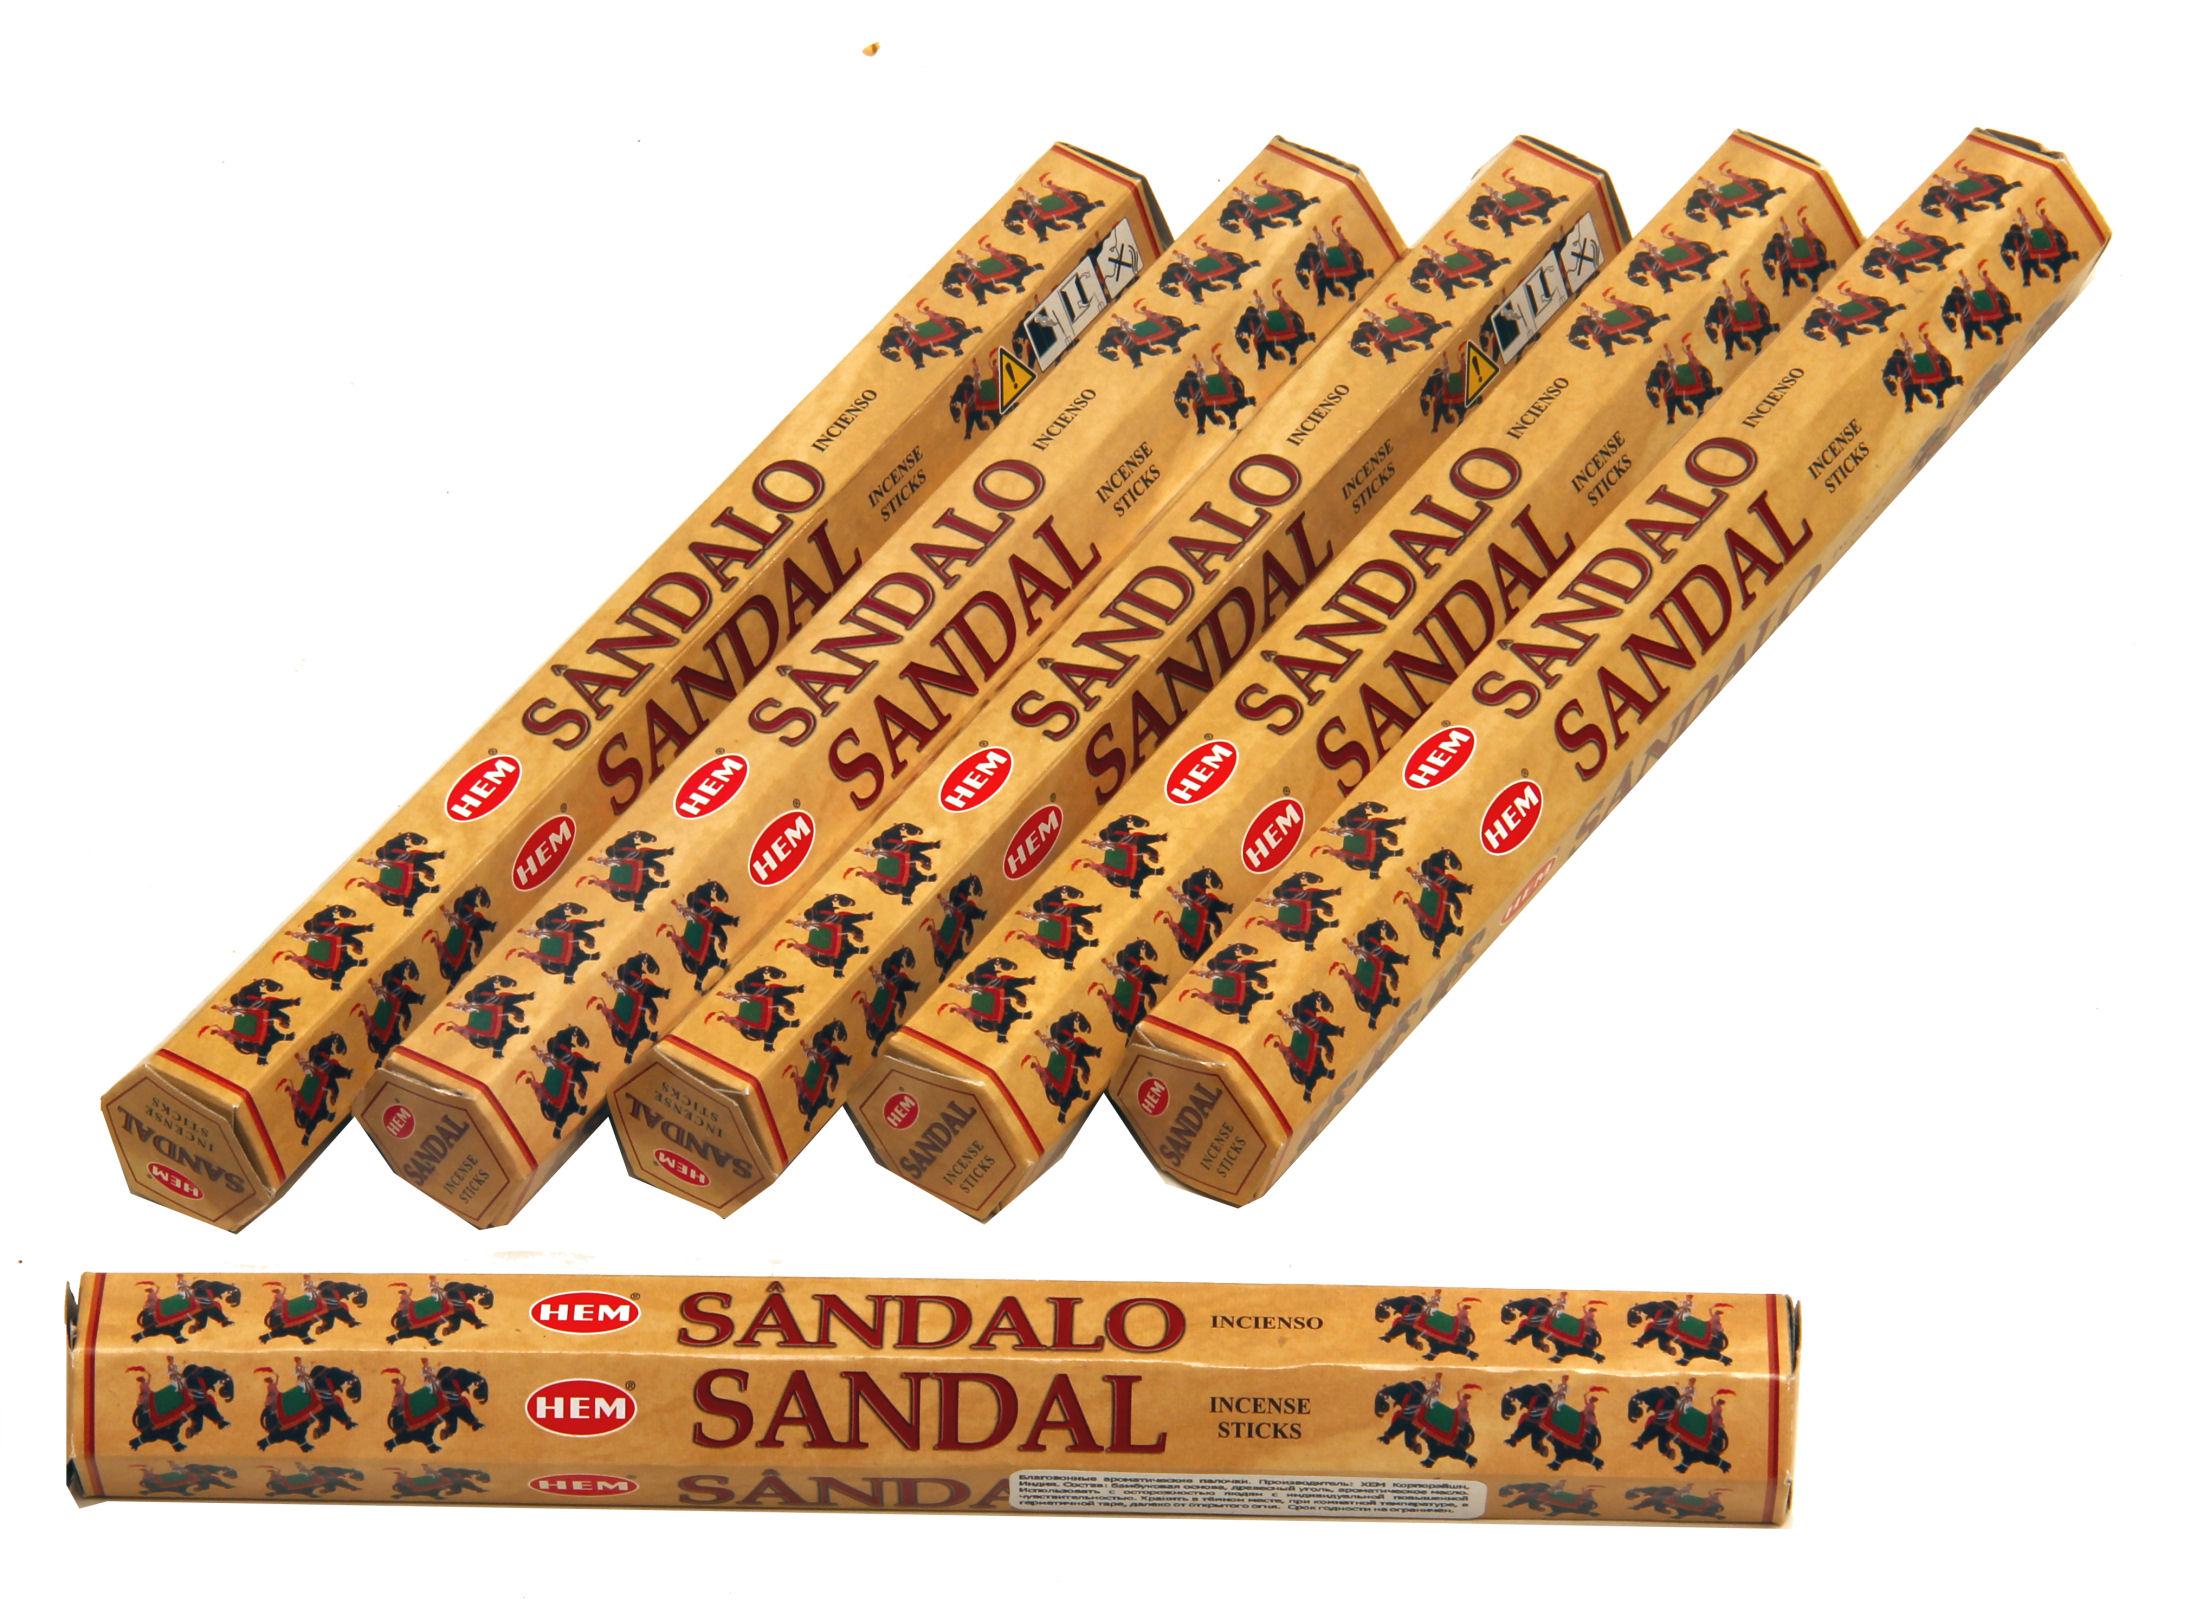 HEM Räucherstäbchen Sparset. 6 Packungen ca. 120 Sticks Sandelholz